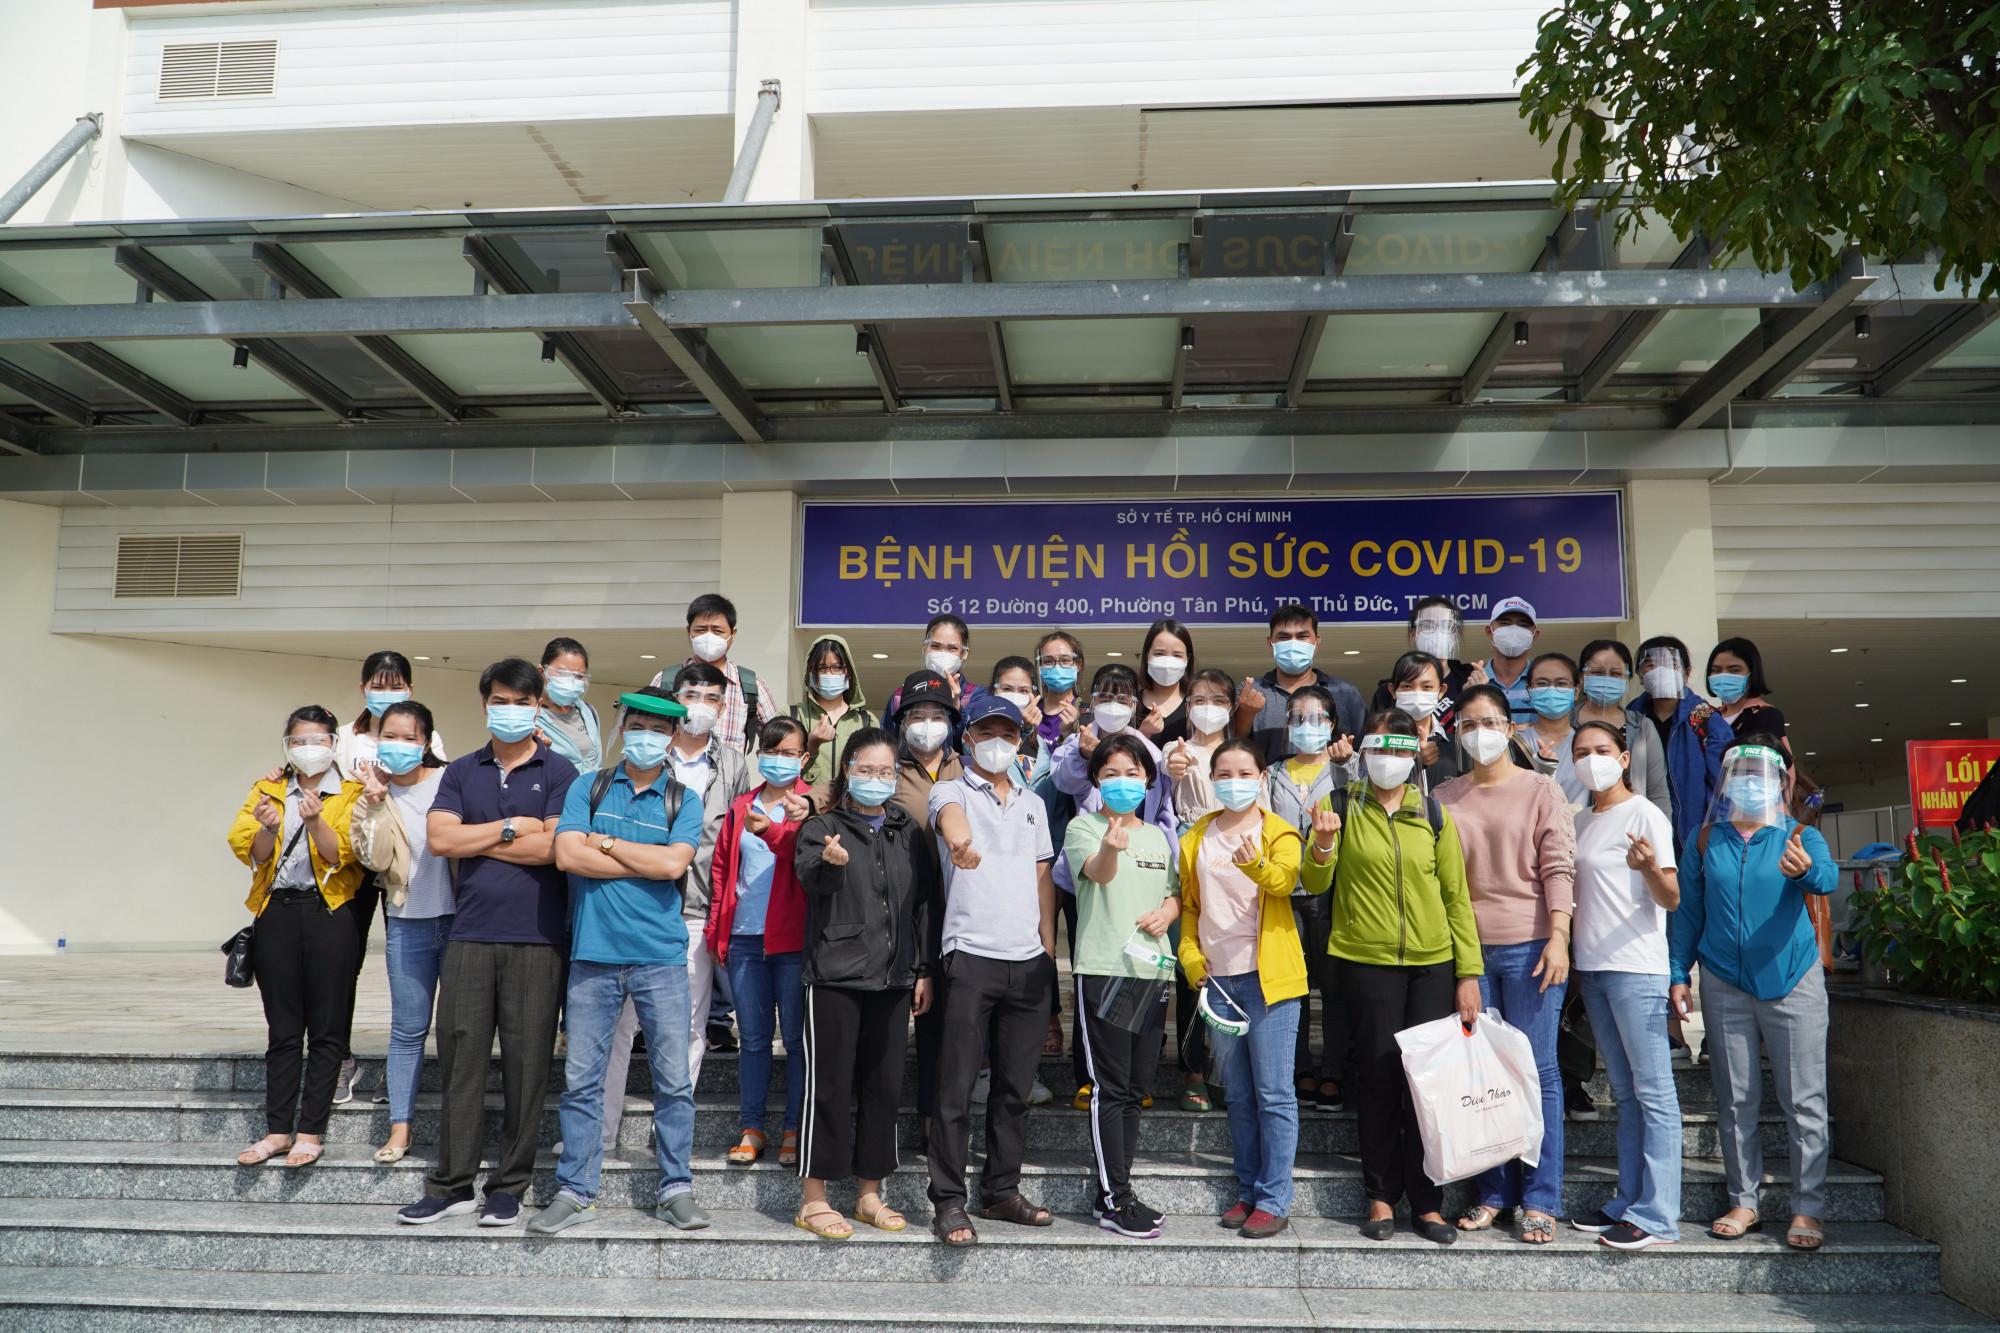 Lực lượng y bác sĩ tình nguyện hỗ trợ cho BV hồi sức COVID-19 (TPHCM)